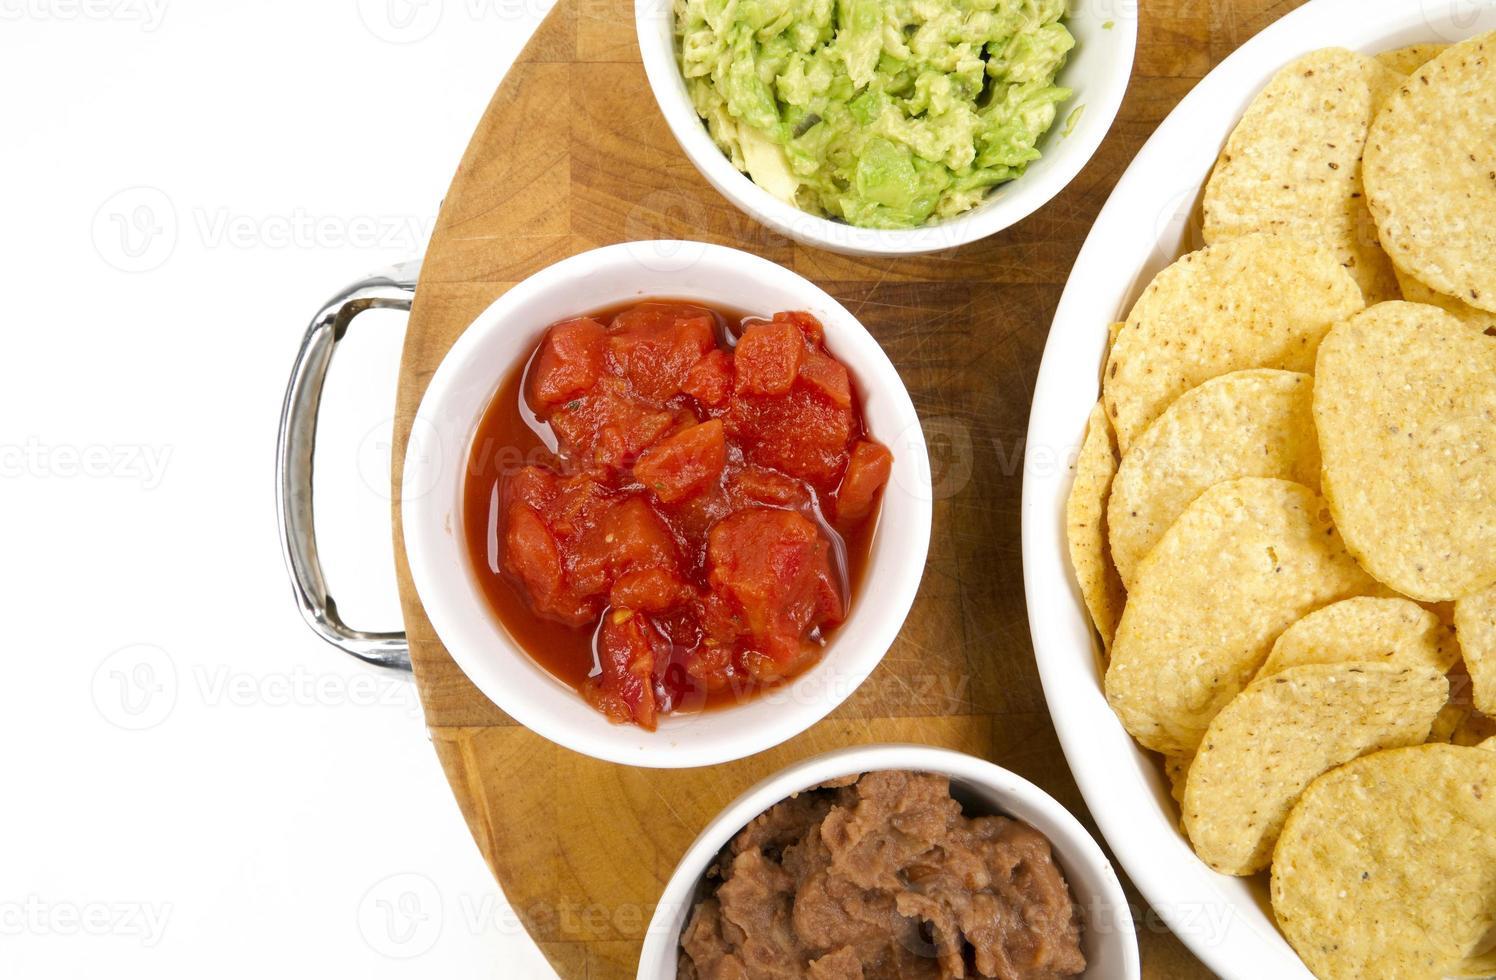 Lebensmittel Vorspeisen Chips Salsa gekühlte Bohnen Guacamole Holz Schneidebrett foto